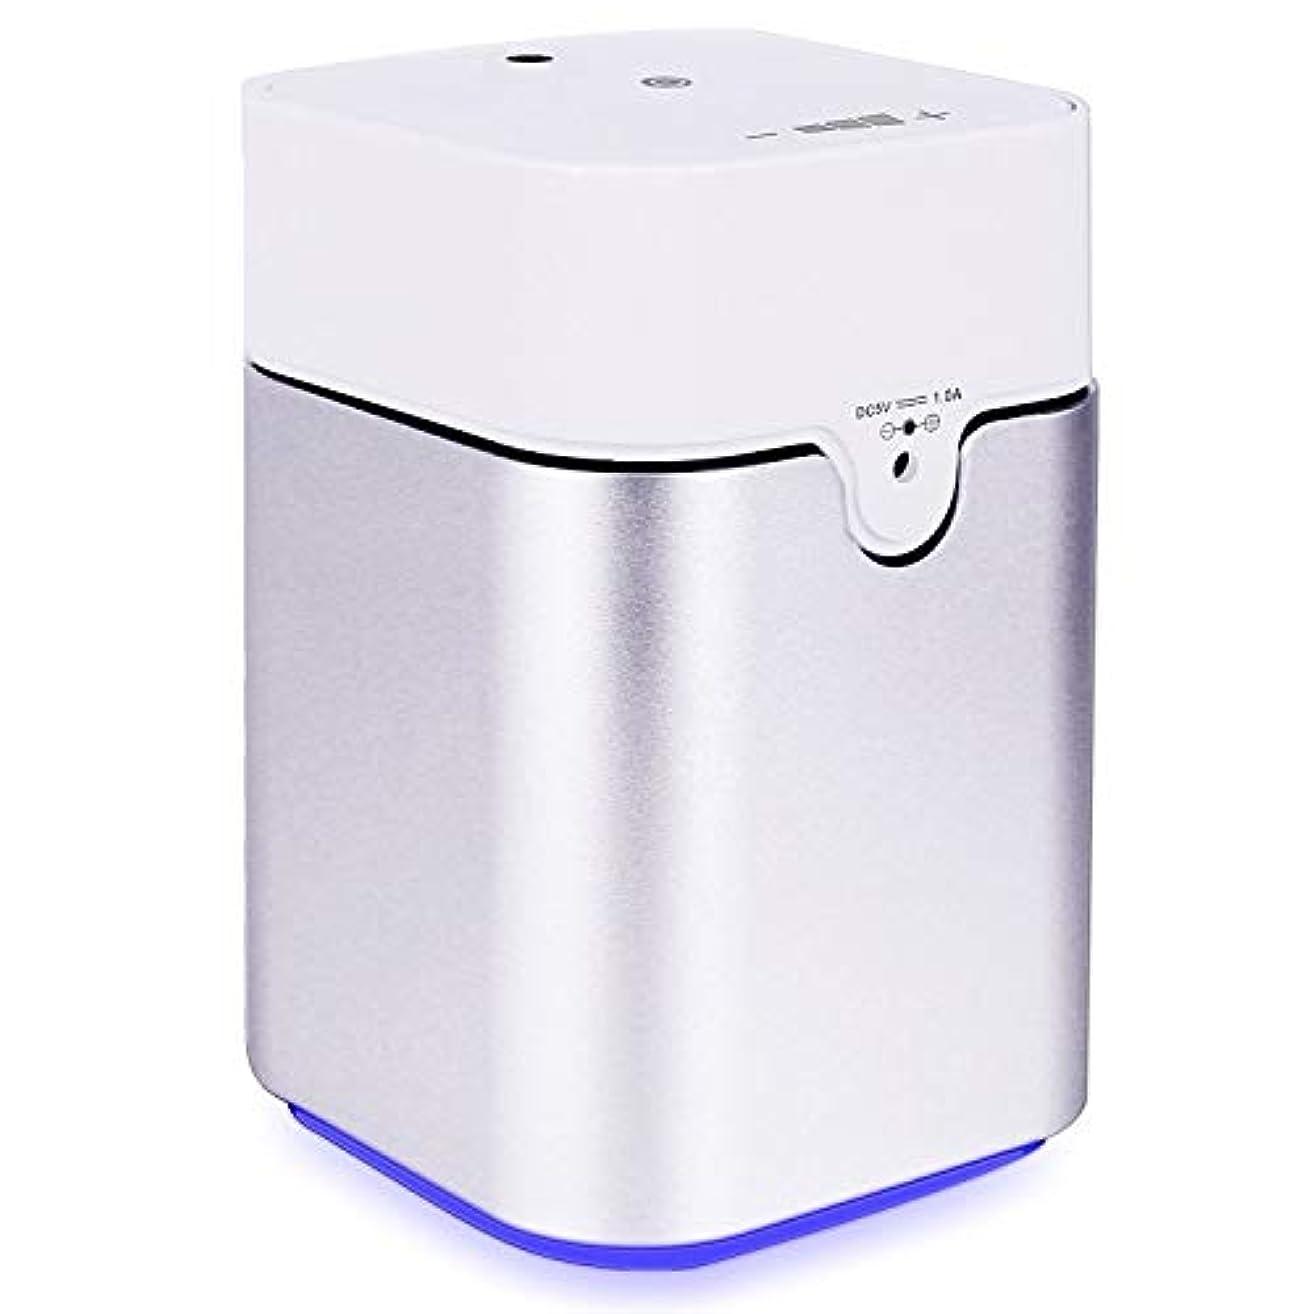 やさしい直感プライバシーENERG e's Pure アロマディフューザー ヨガ室 整体院人気 タイマー機能 ネブライザー式 量調整可能 精油瓶3個付き T11-ENS082